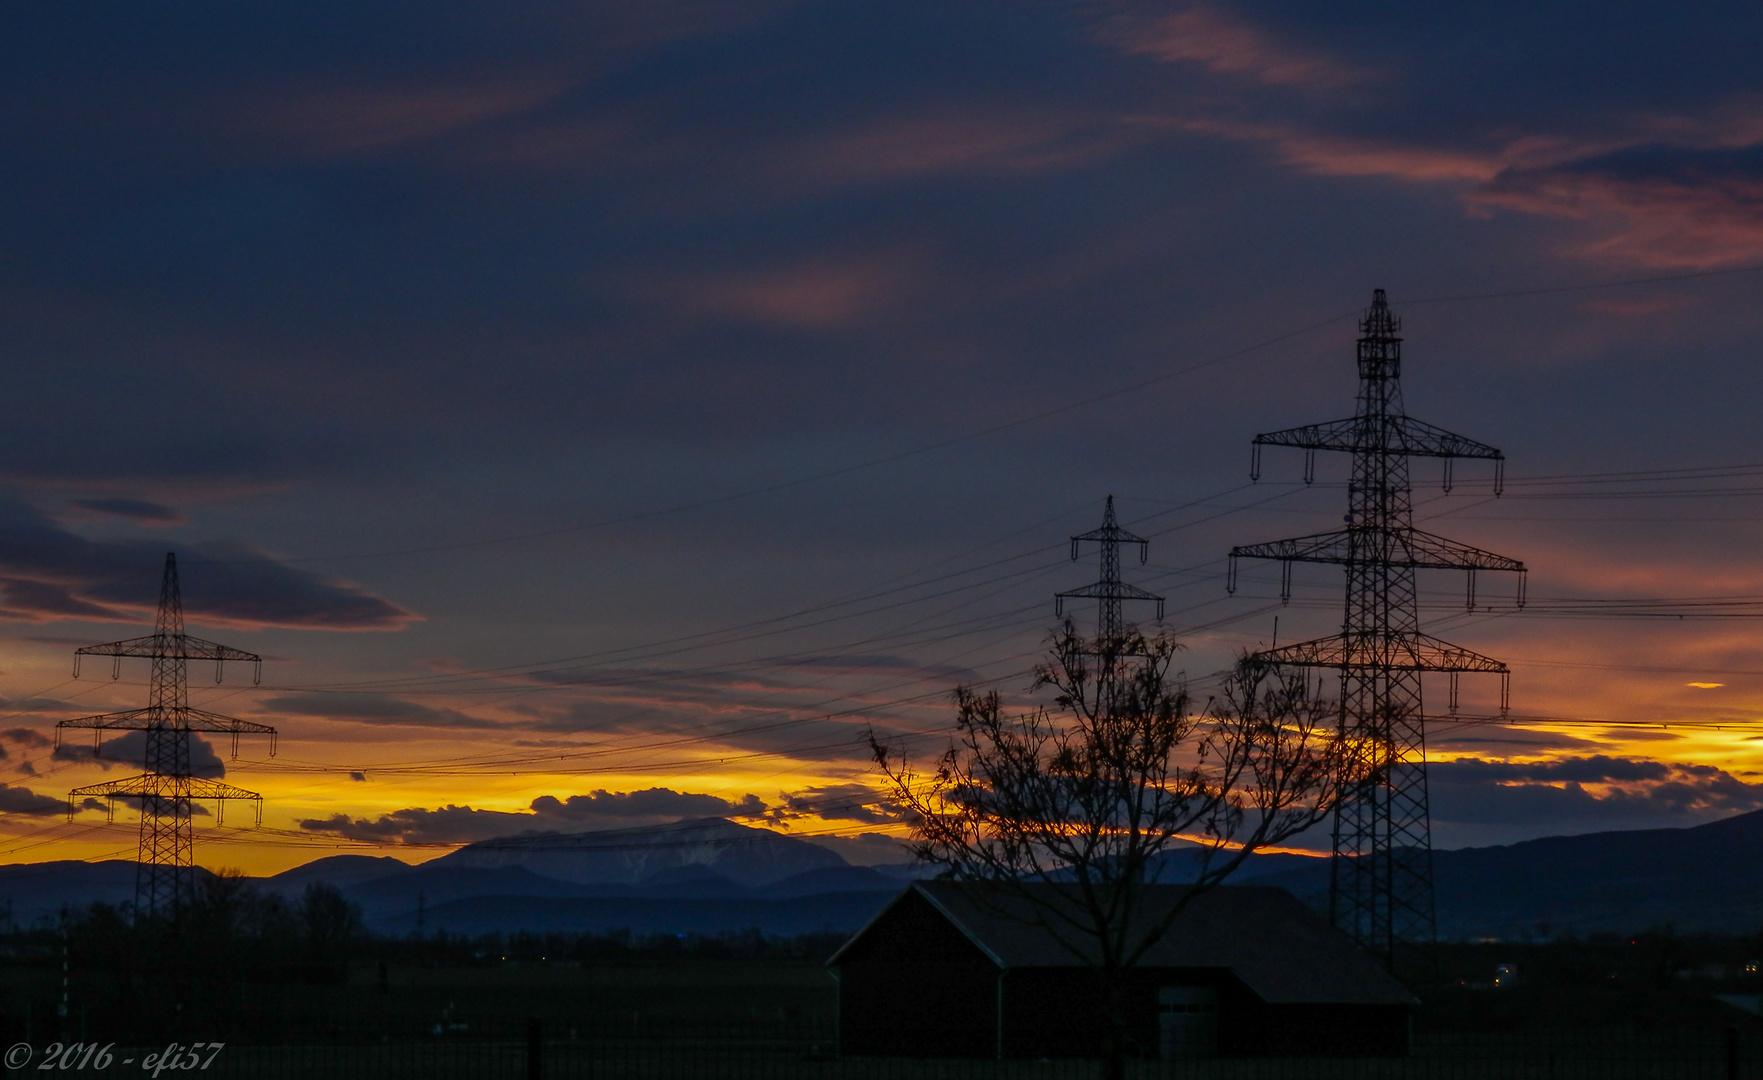 Sonnenuntergang am Rande von Wien